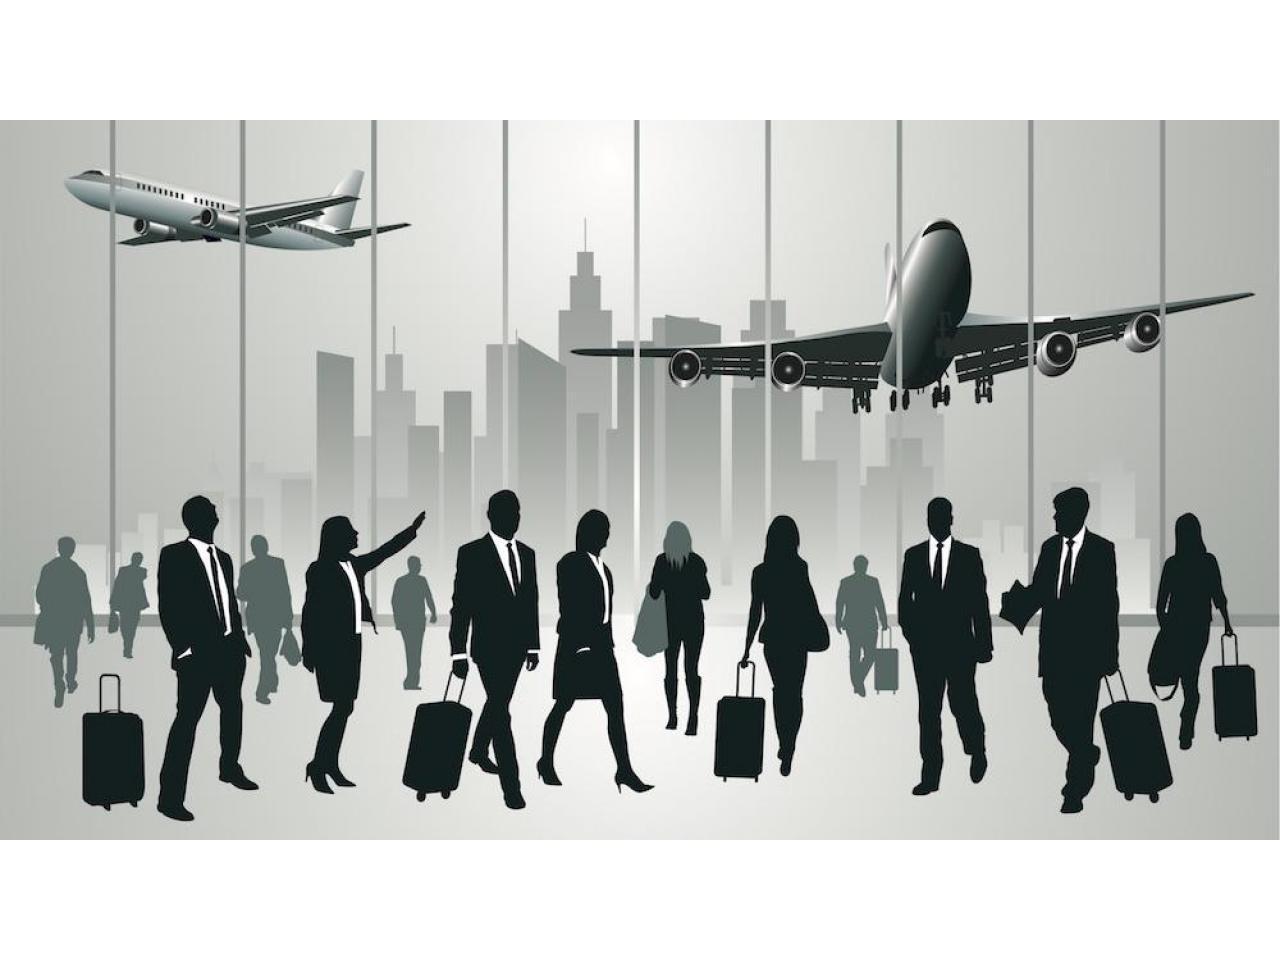 Требуется партнер по бизнесу - Travel & Education. - 1